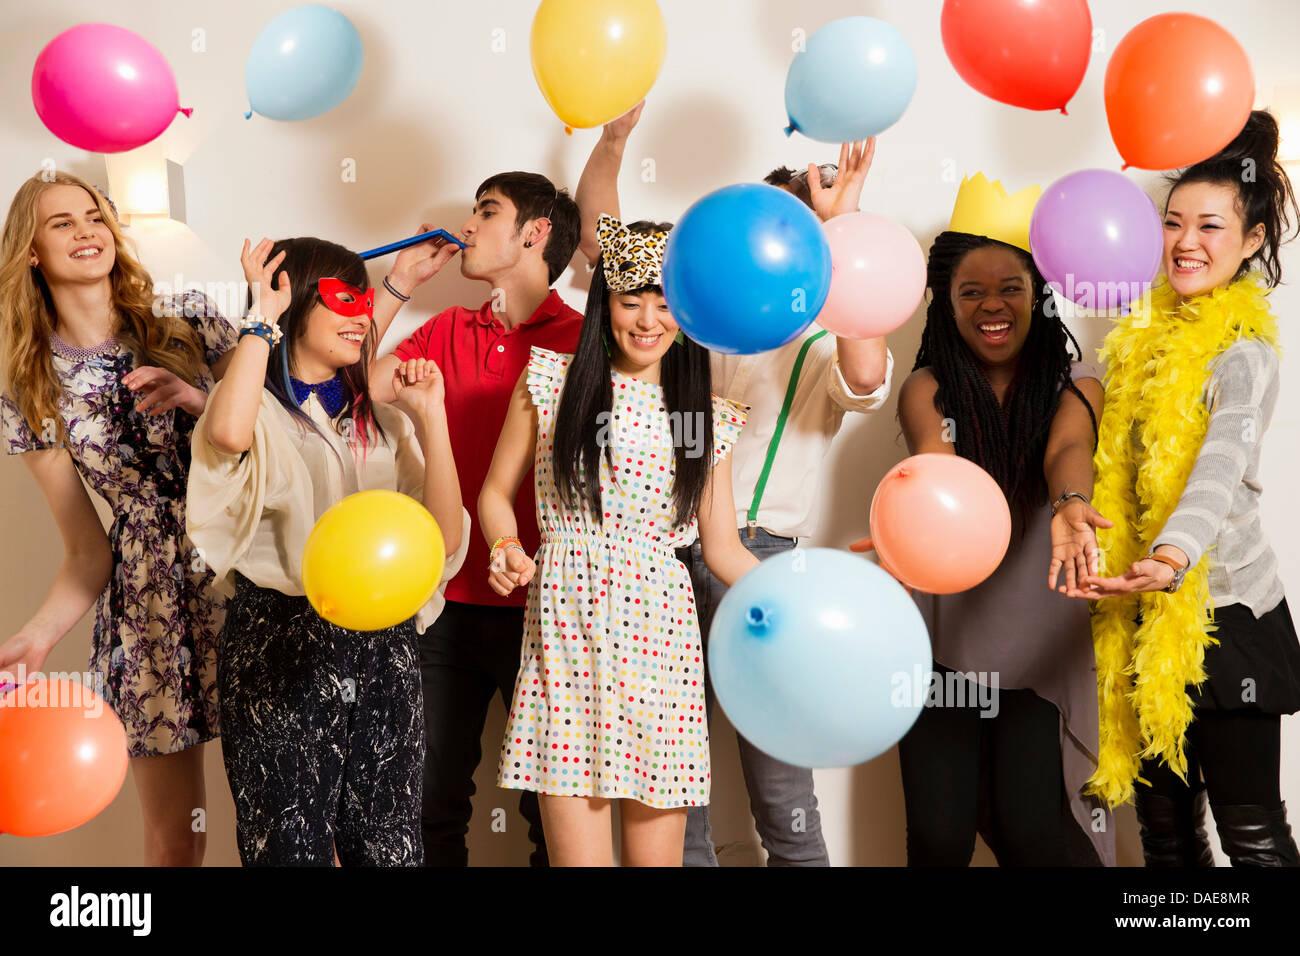 Freunde auf einer Party mit Ballons, Studio gedreht Stockbild